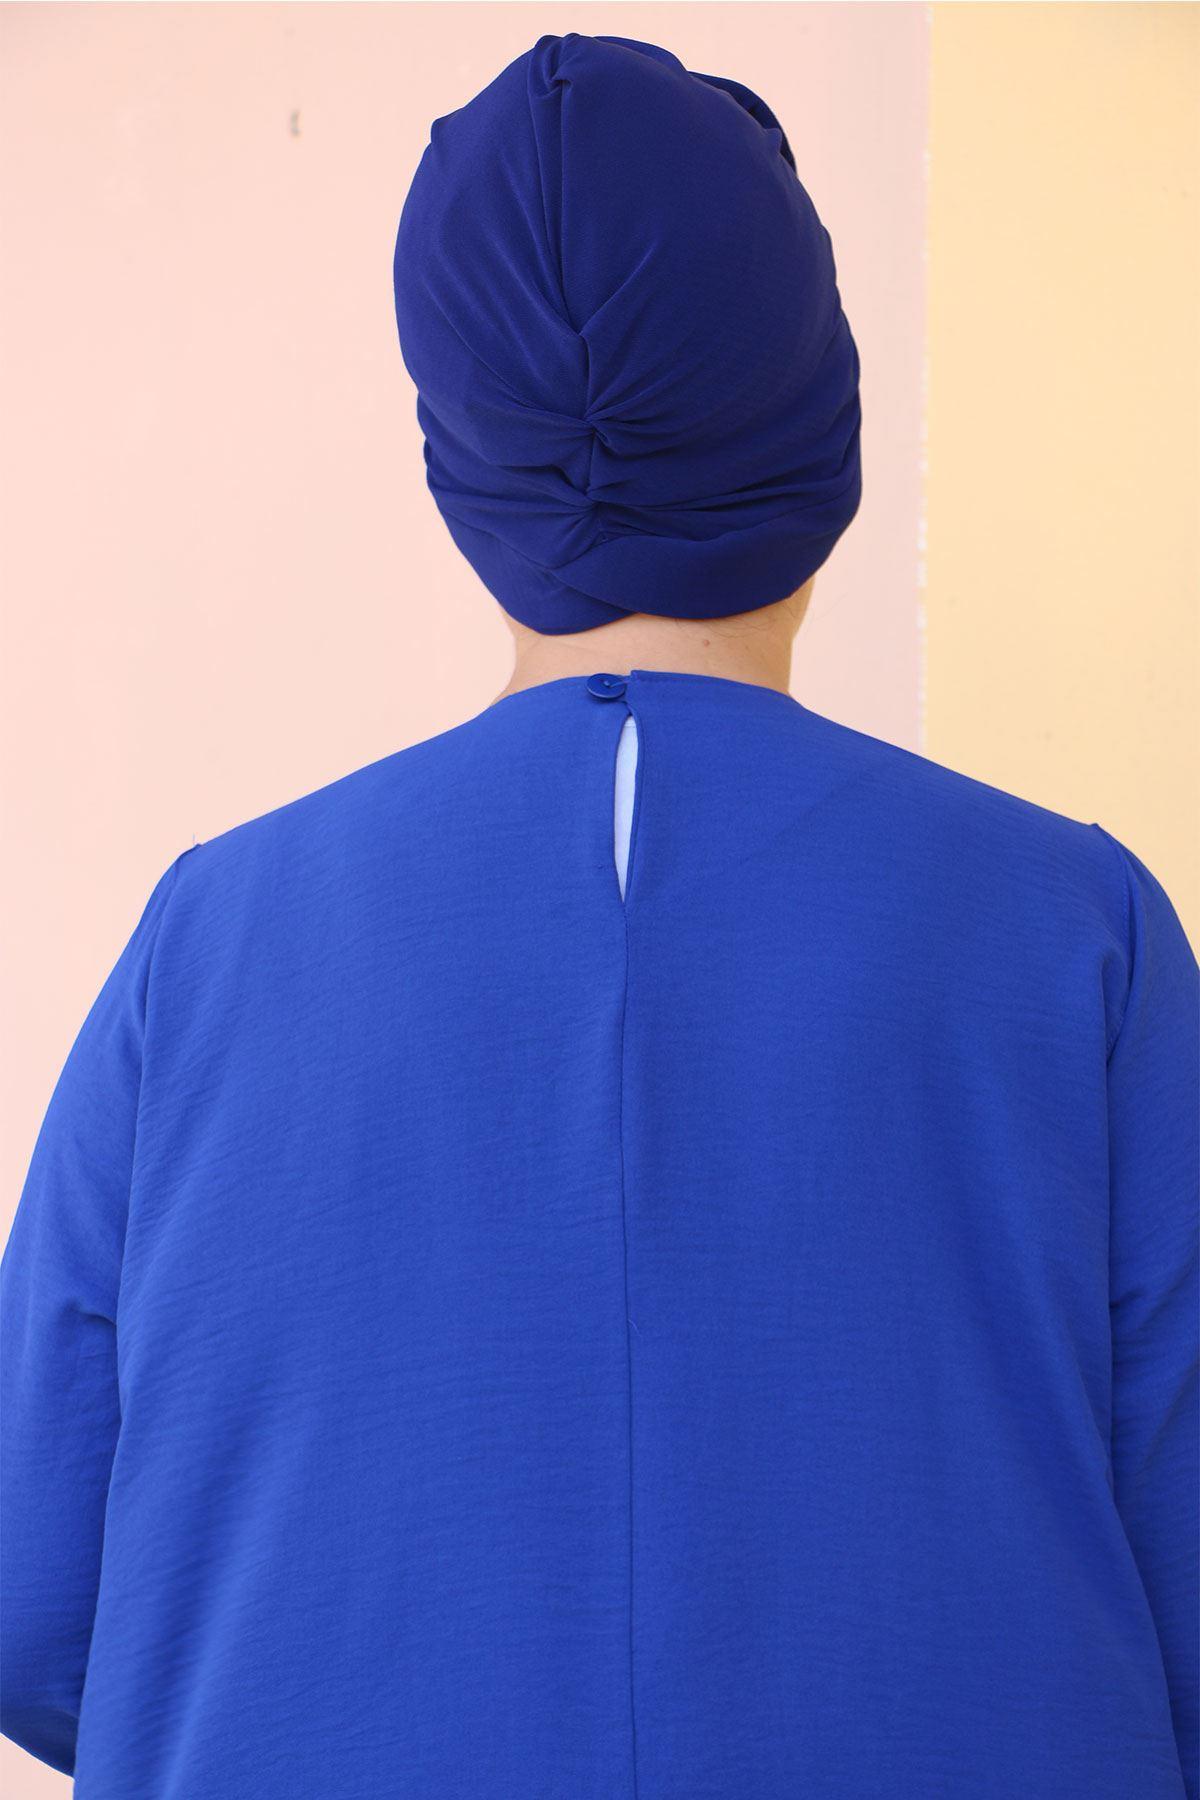 7704 طقم  تونيك و بنطلون مقاس كبير  - أزرق ملكي